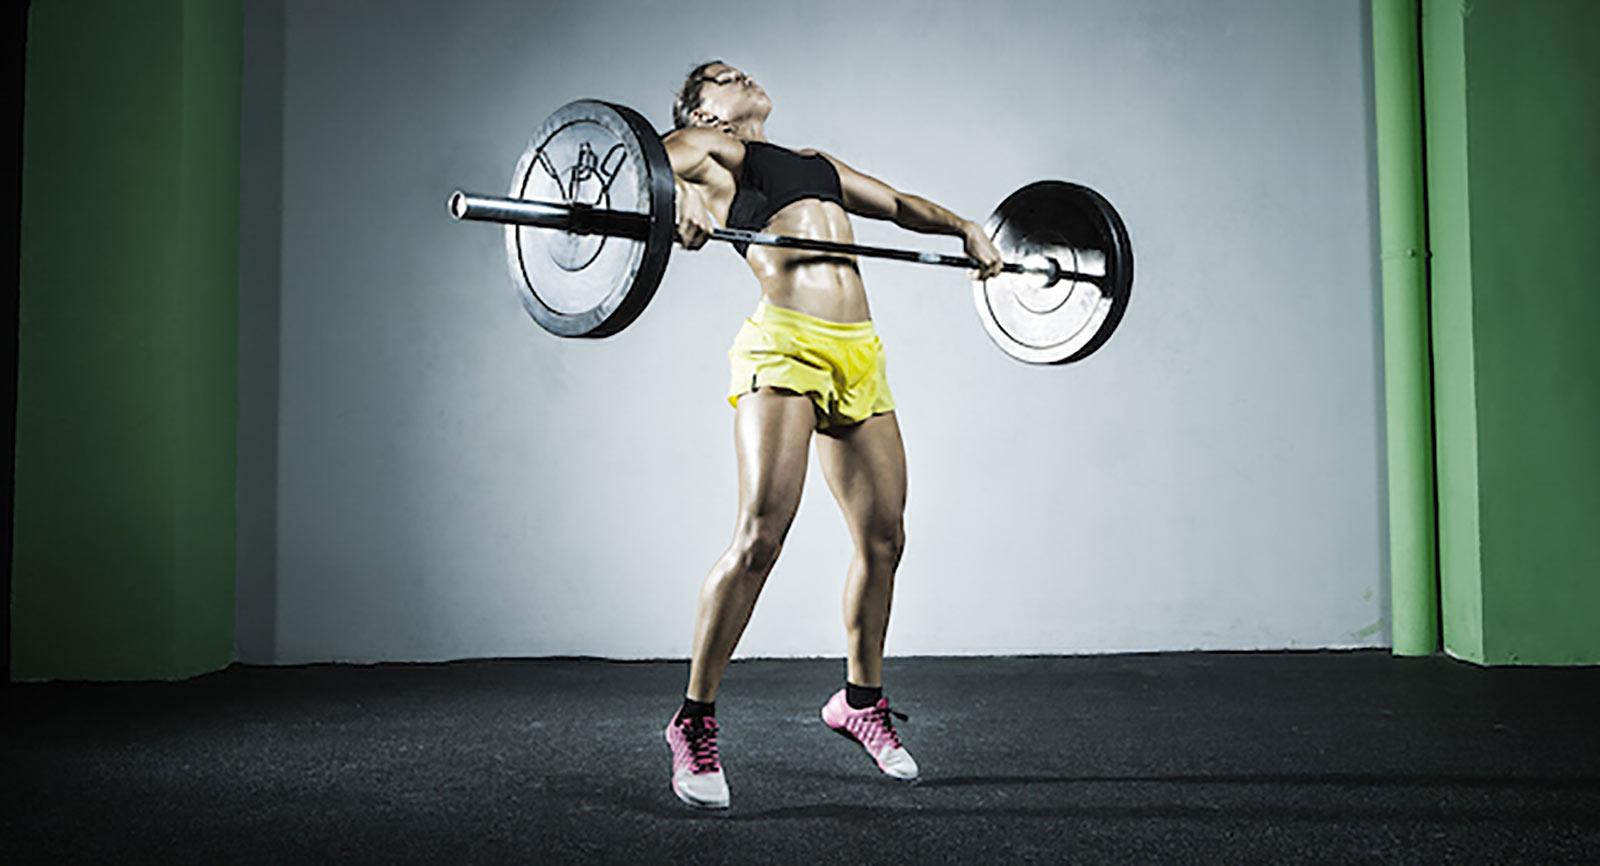 Il power clean? E' un esercizio estremamente efficace per aumentare la forza e l'esplosività.